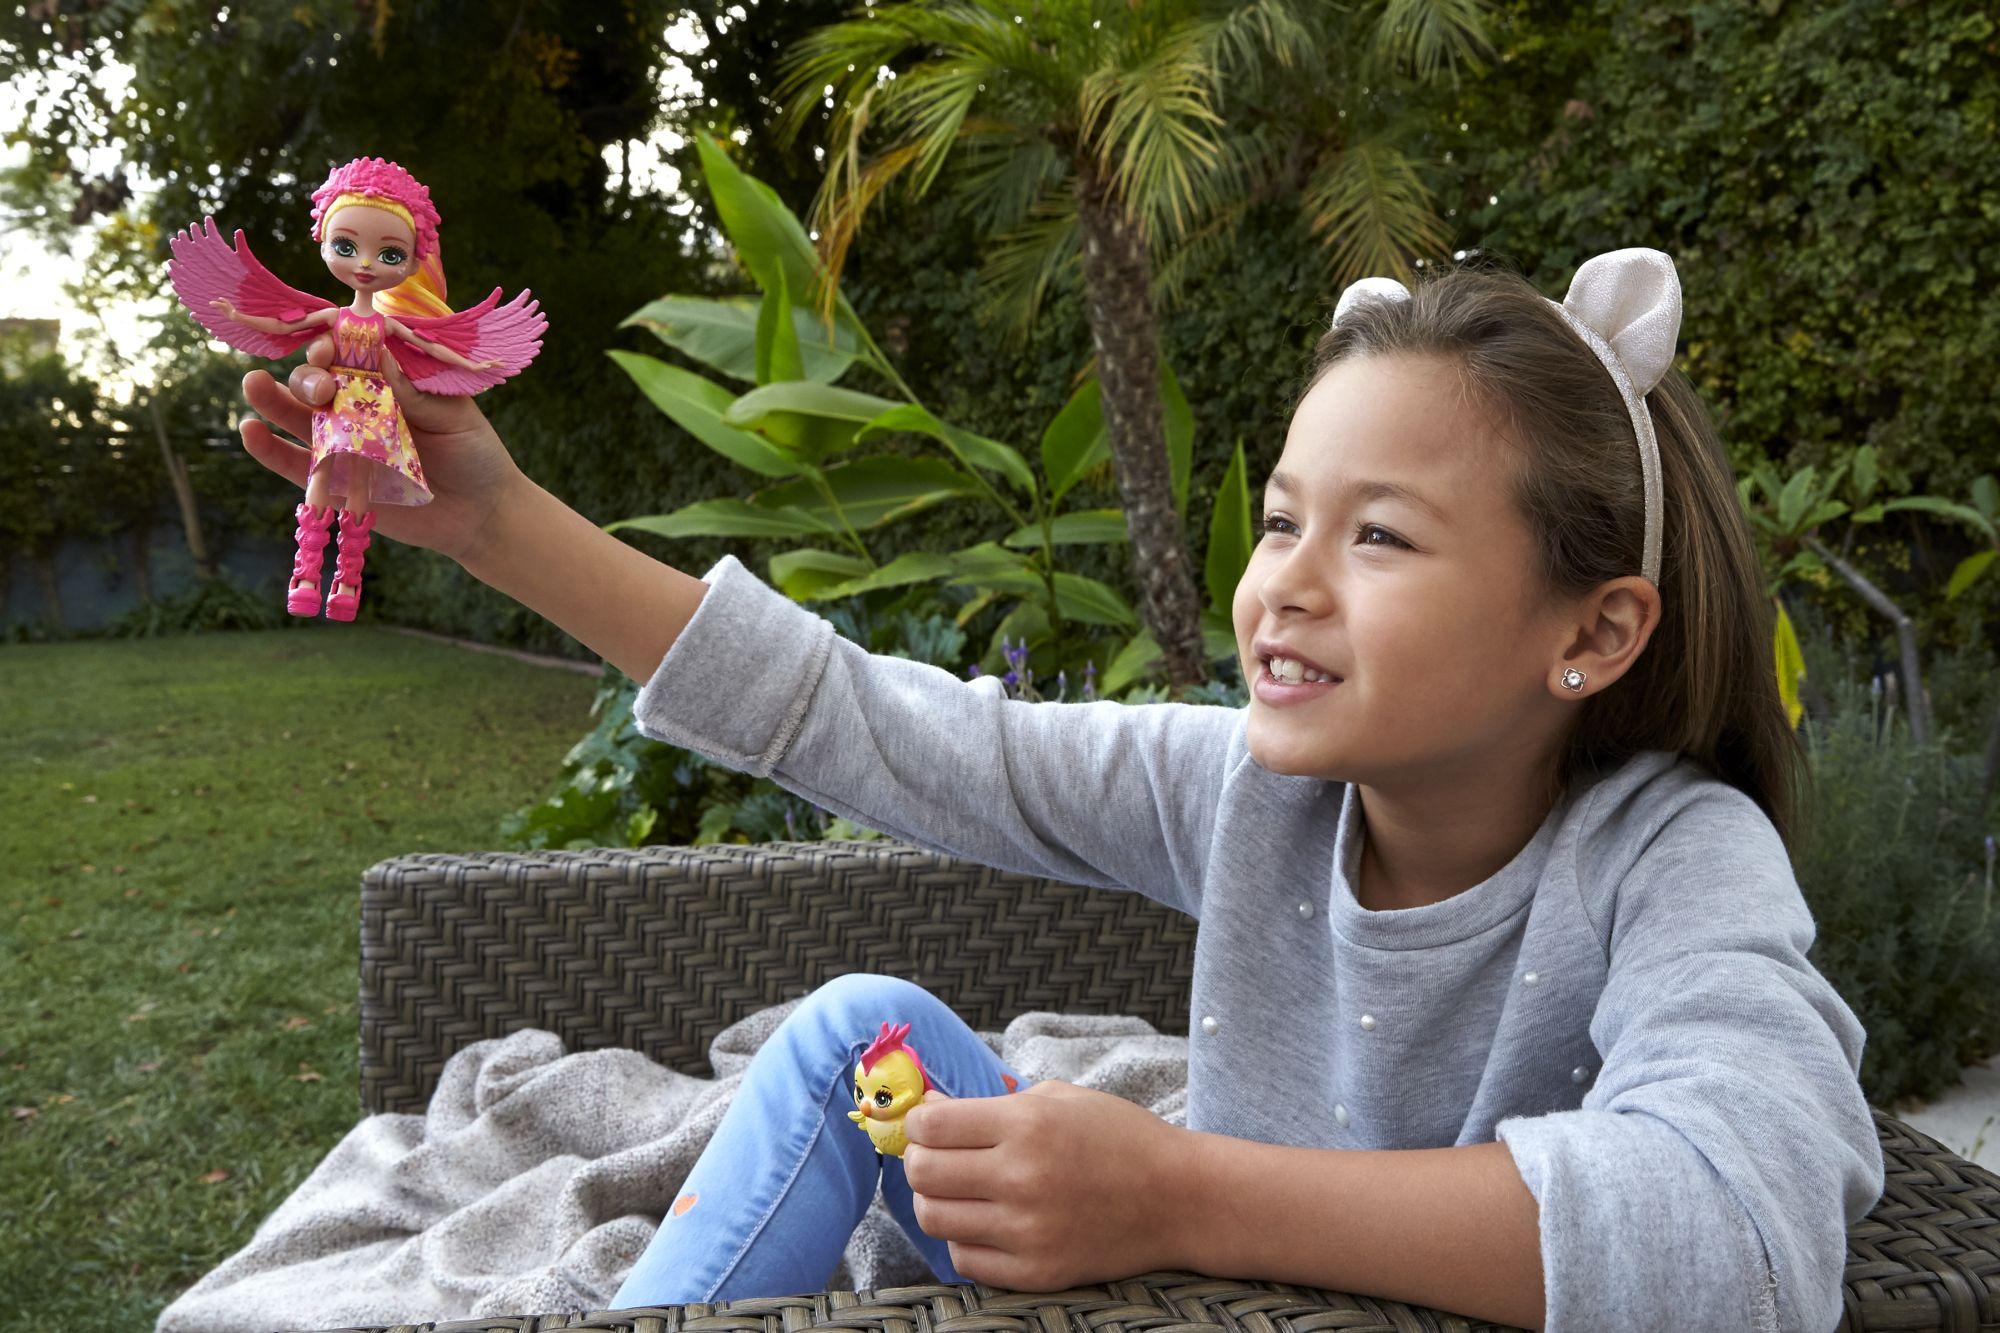 Jestem na pTAK z Enchantimals! Czyli dzieciaki dokarmiają ptaki - Zdjęcie główne